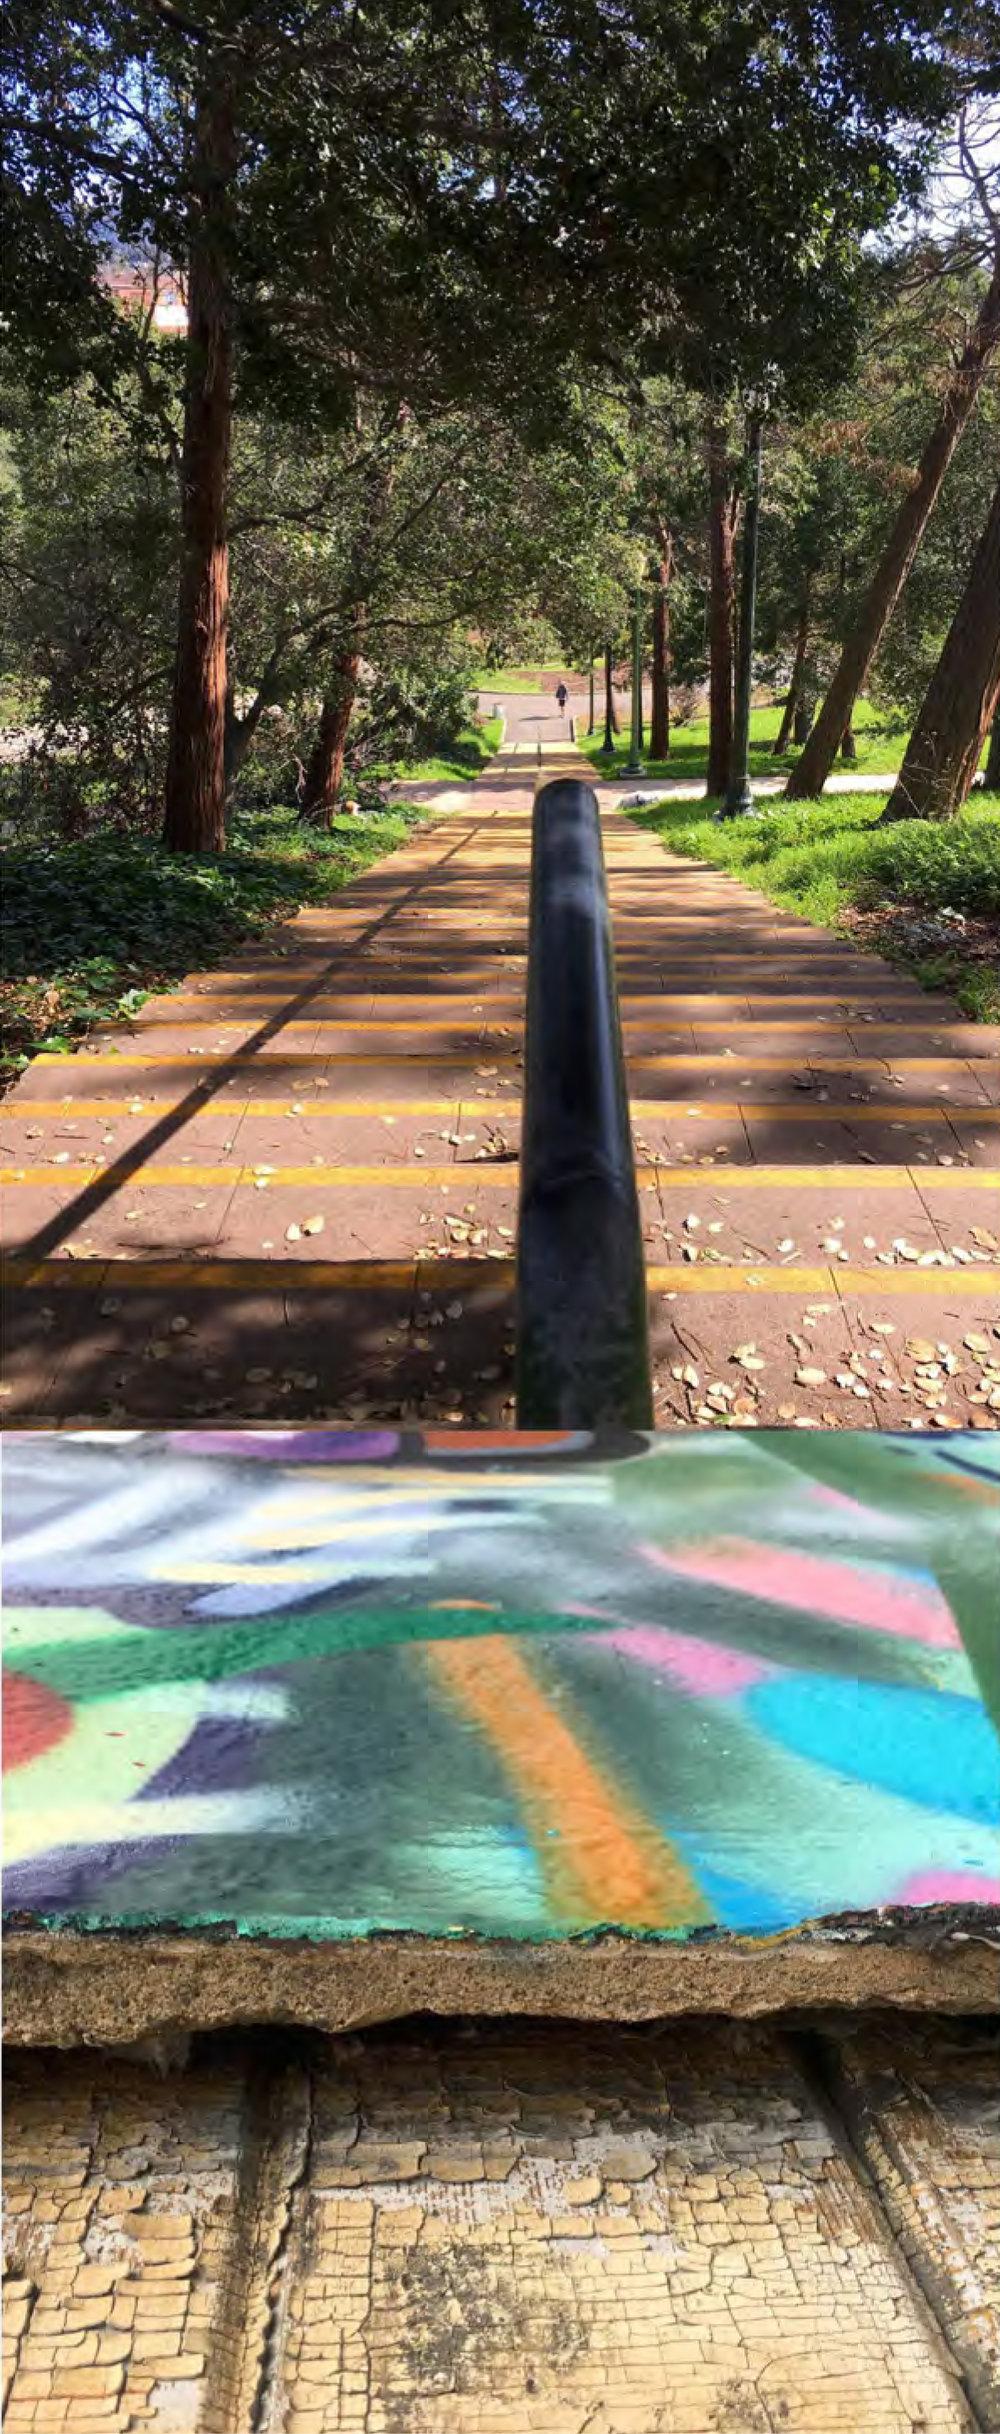 Copy of Mural garden (Oakland), 2018